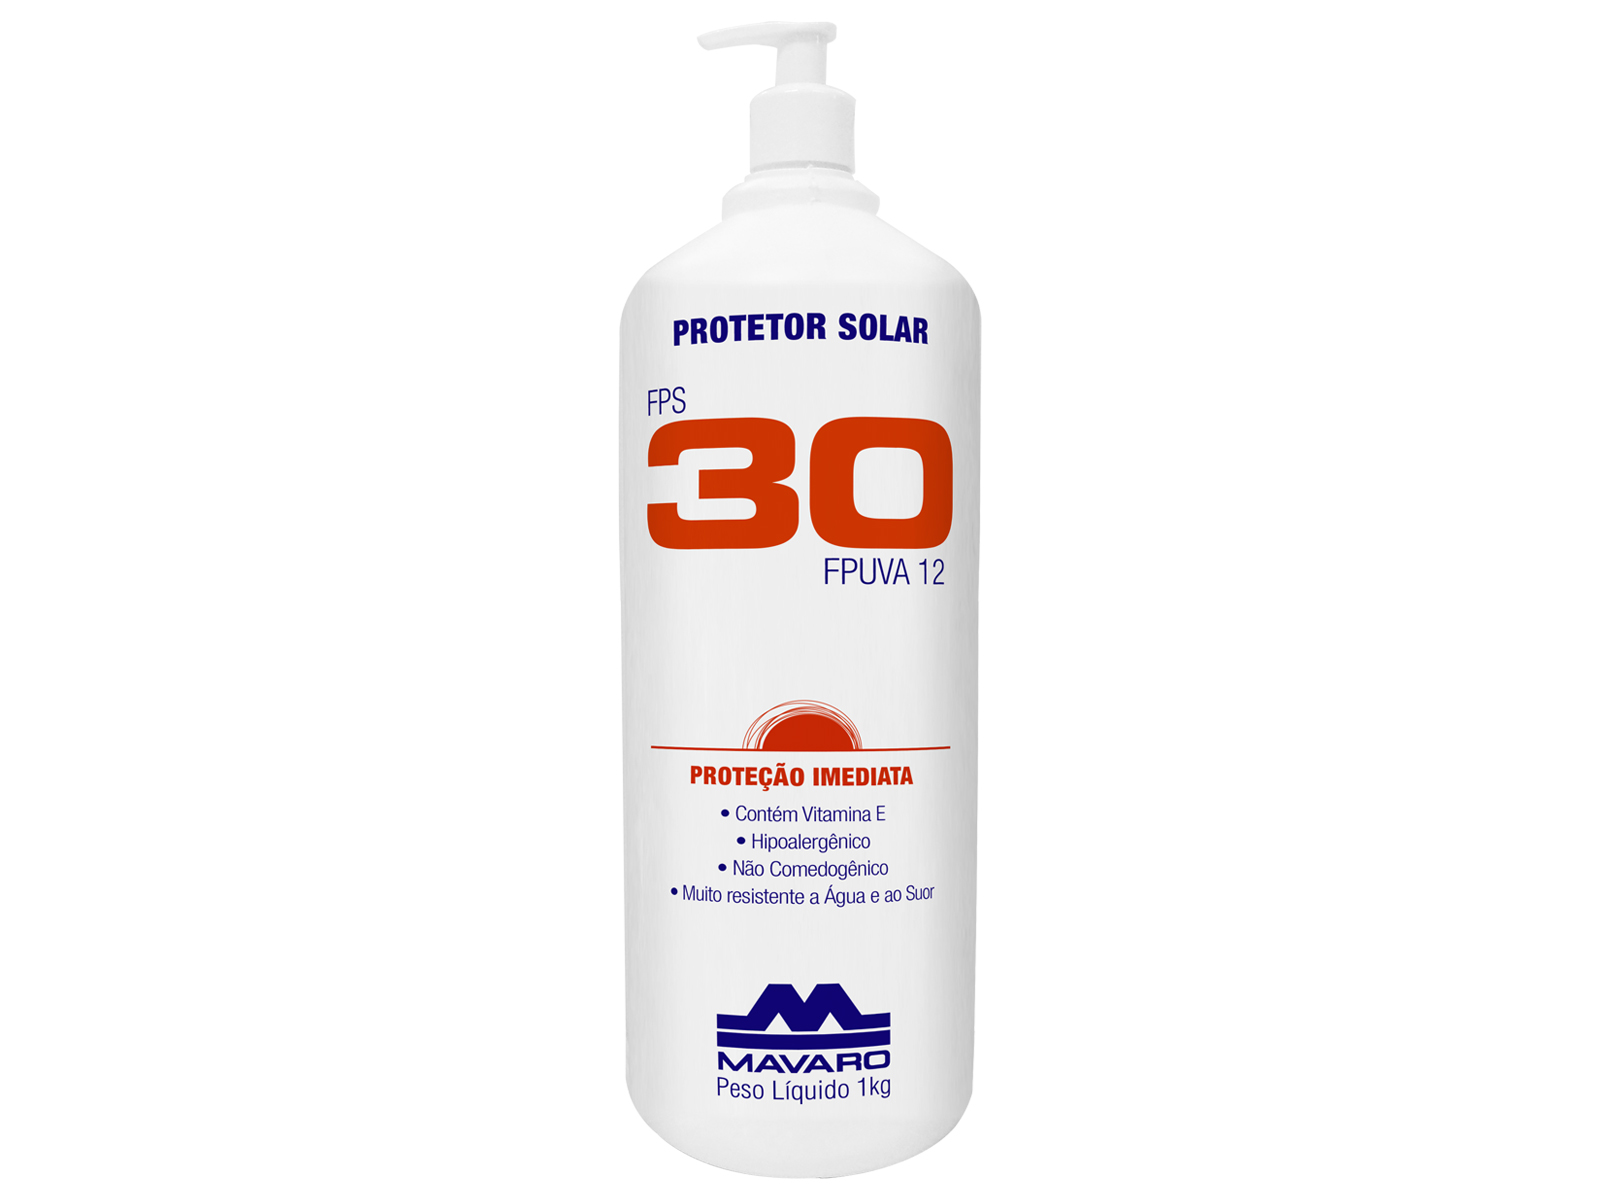 Protetor Solar FPS 30 eficaz contra a ação nociva das radiações UVA e UVB. Contém filtros solares com proteção de nível 30, protegendo a pele 30 vezes mais do que se o mesmo não tivesse sido aplicado.